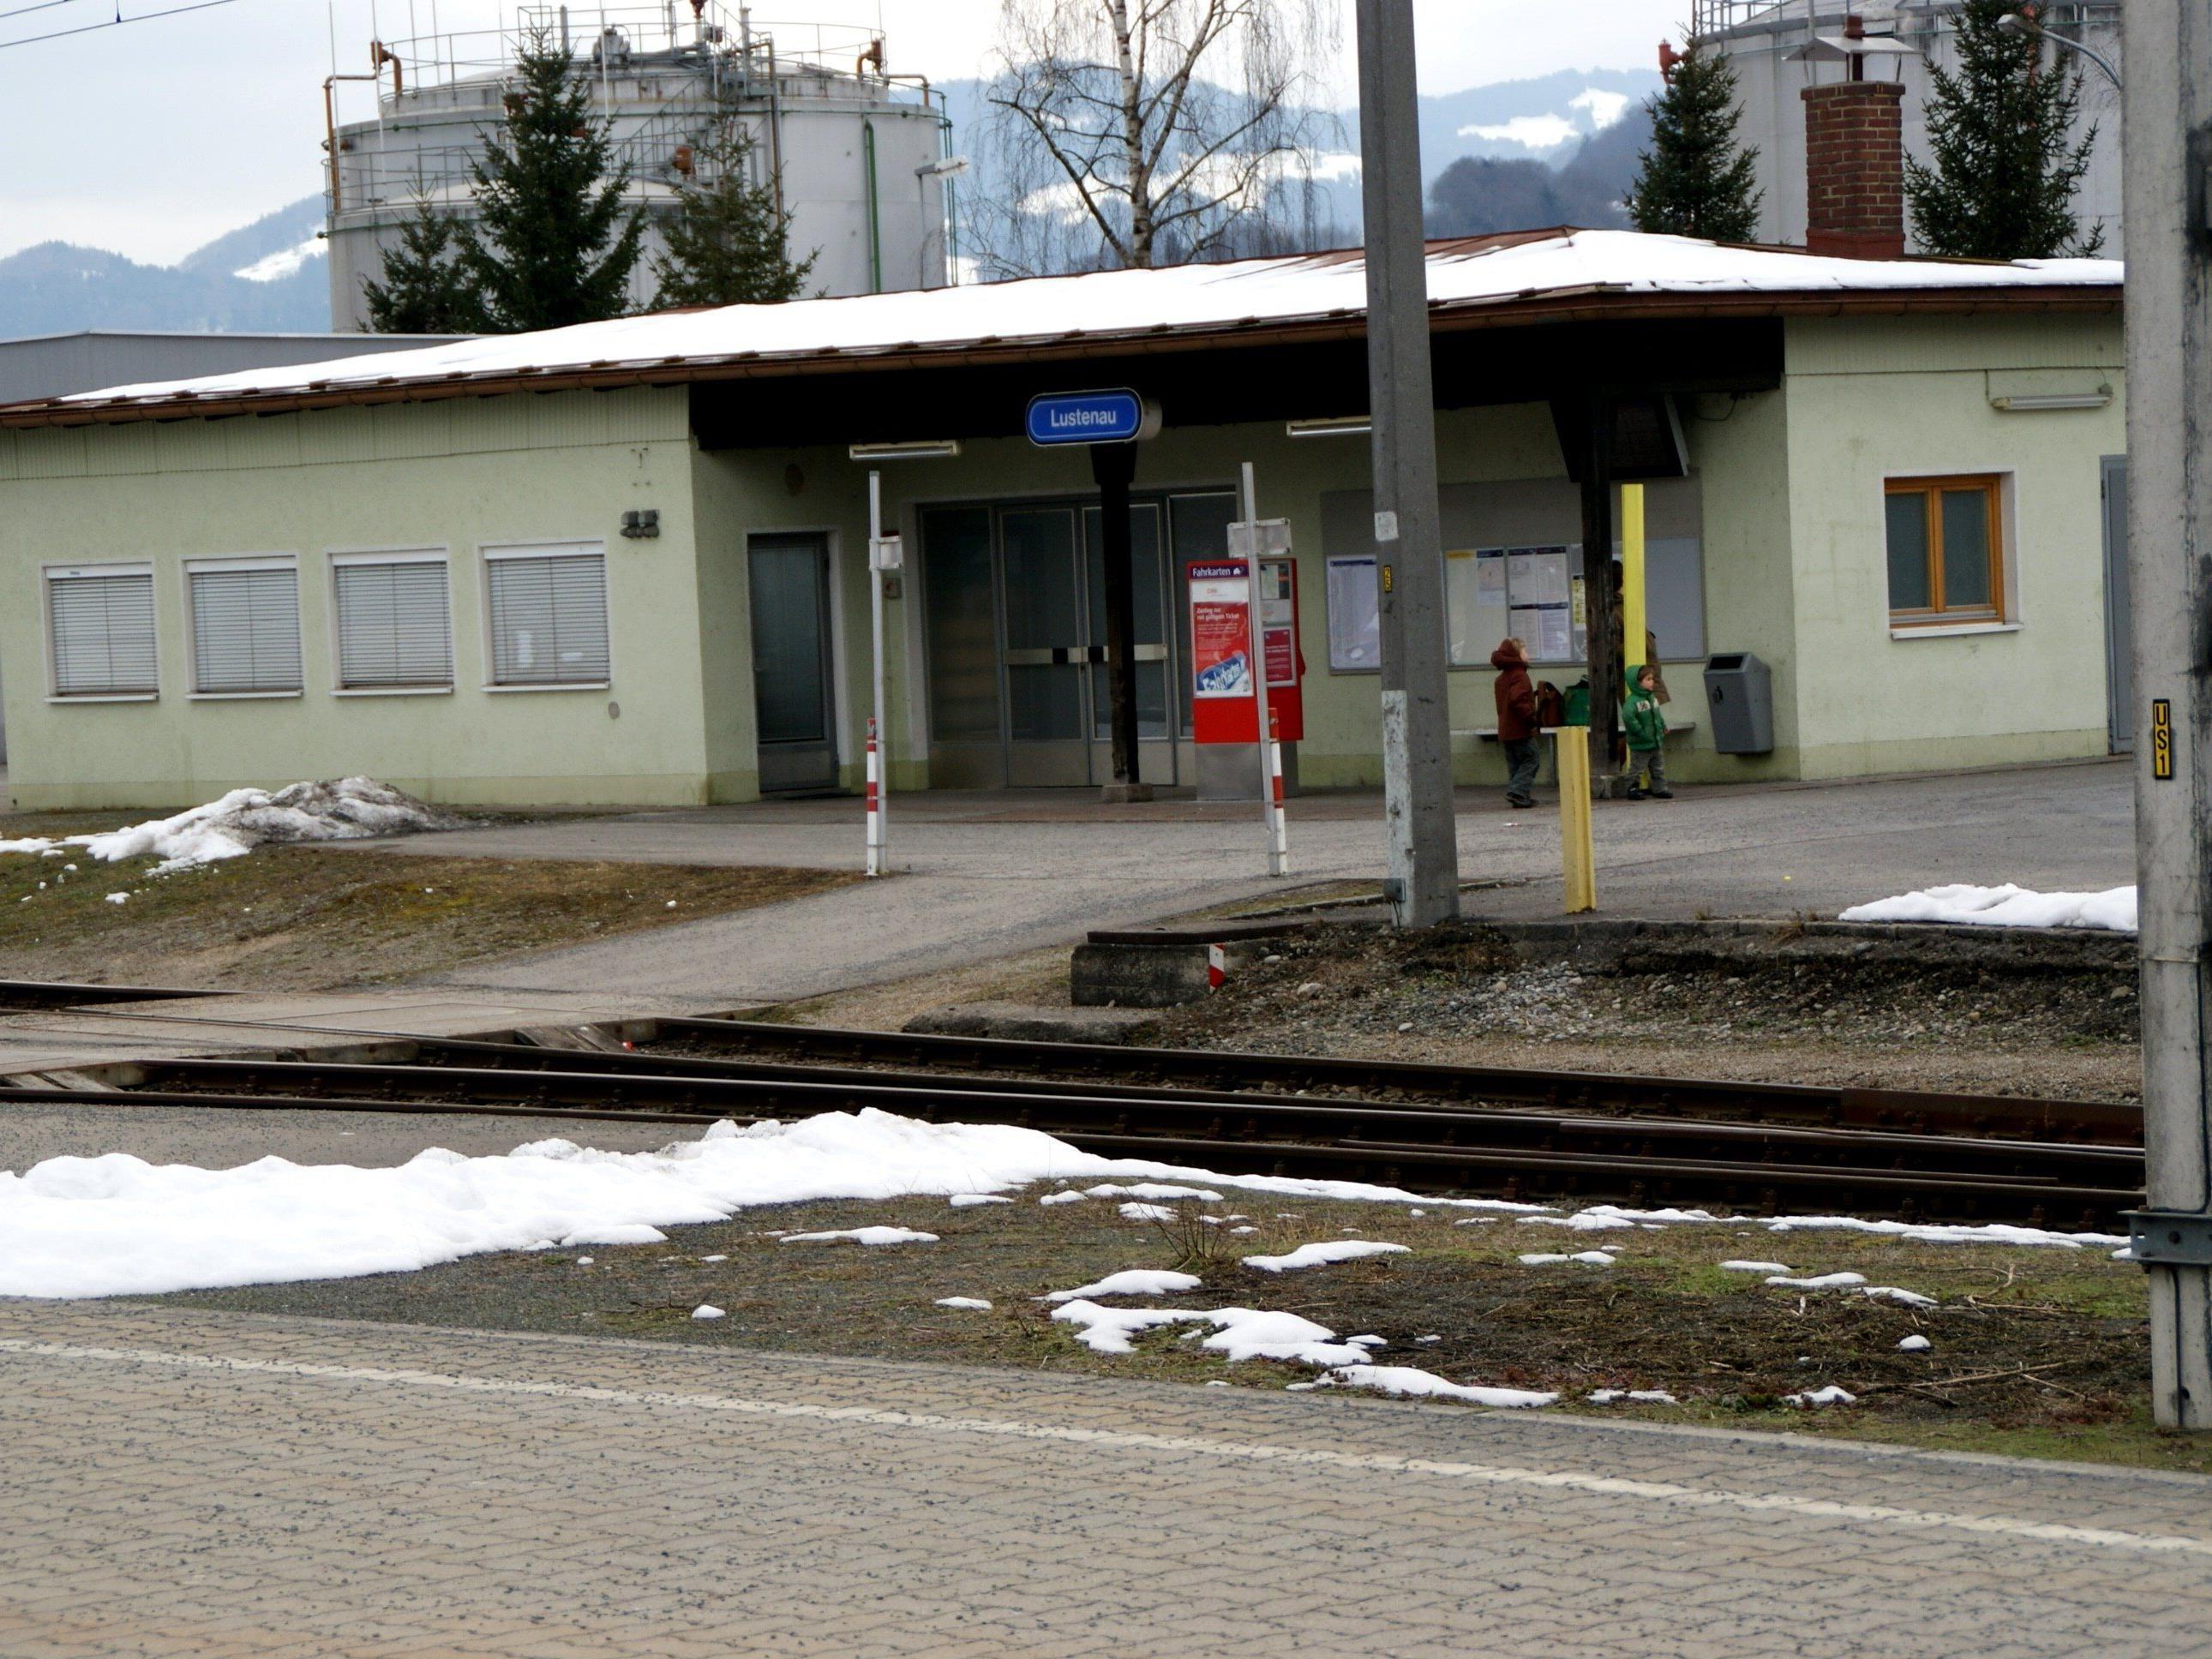 geile frau in Lustenau - Bekanntschaften - Partnersuche